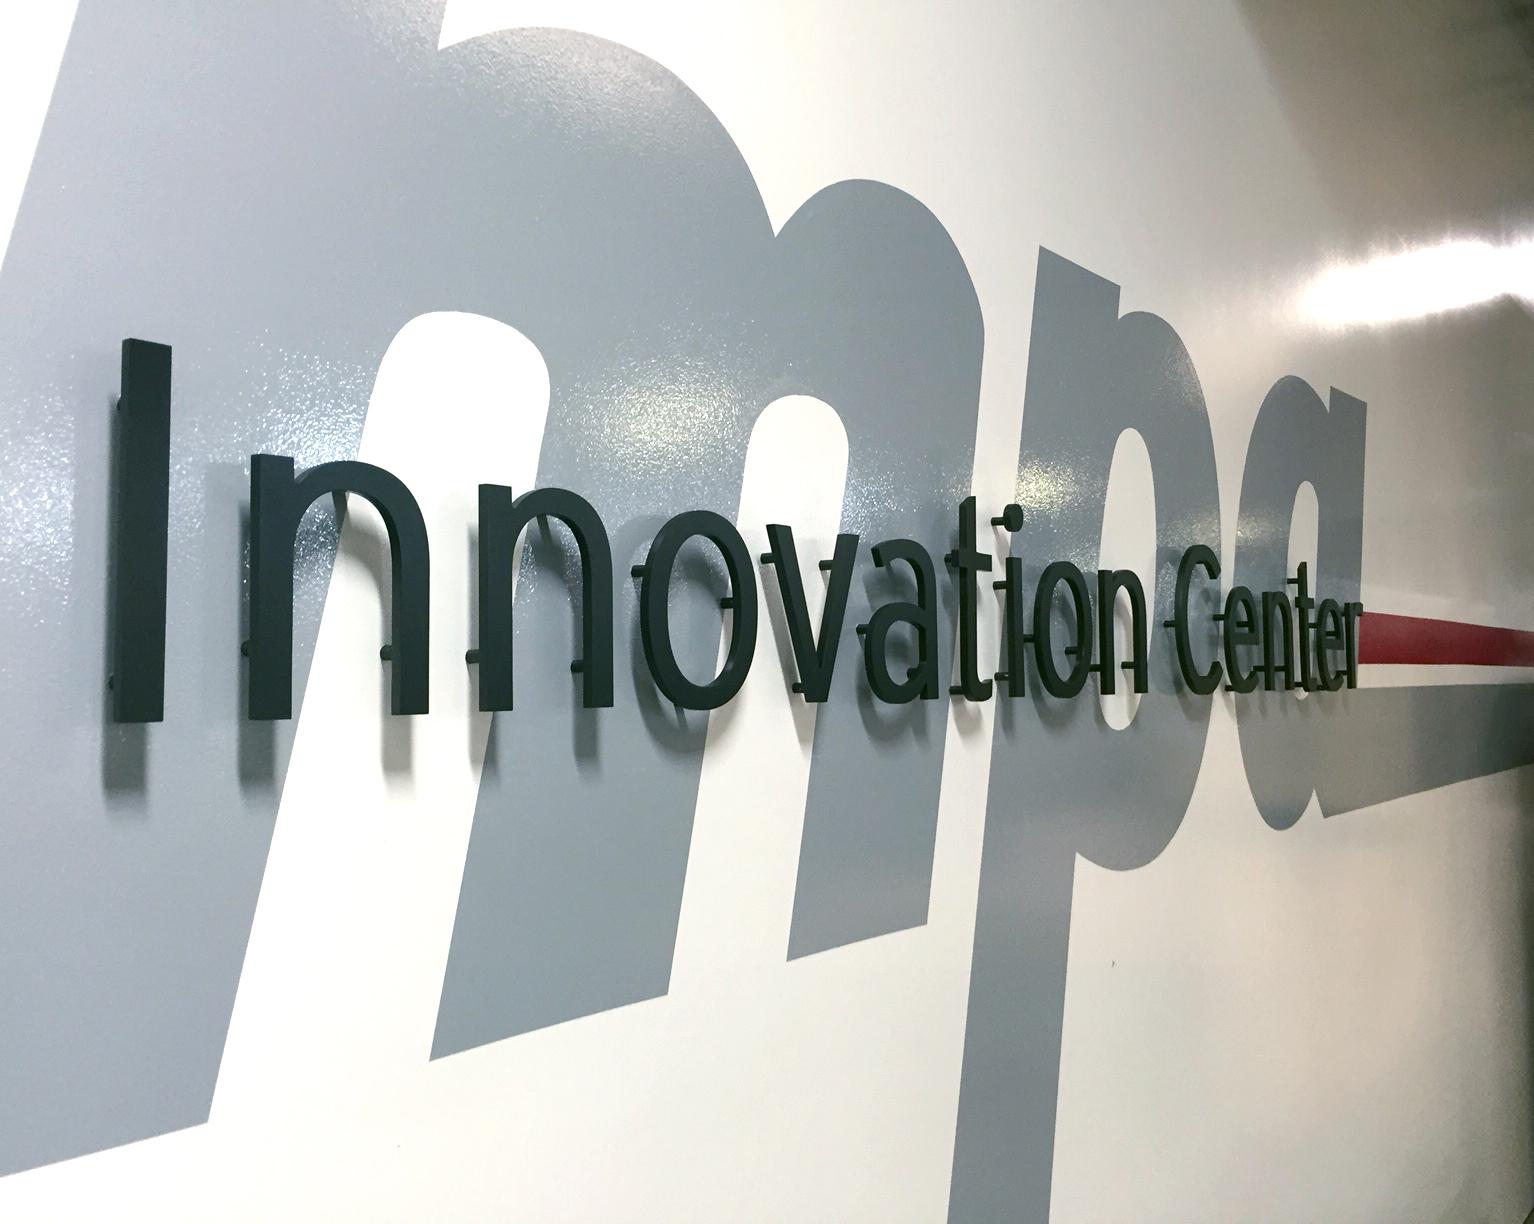 MPA Innovation Center